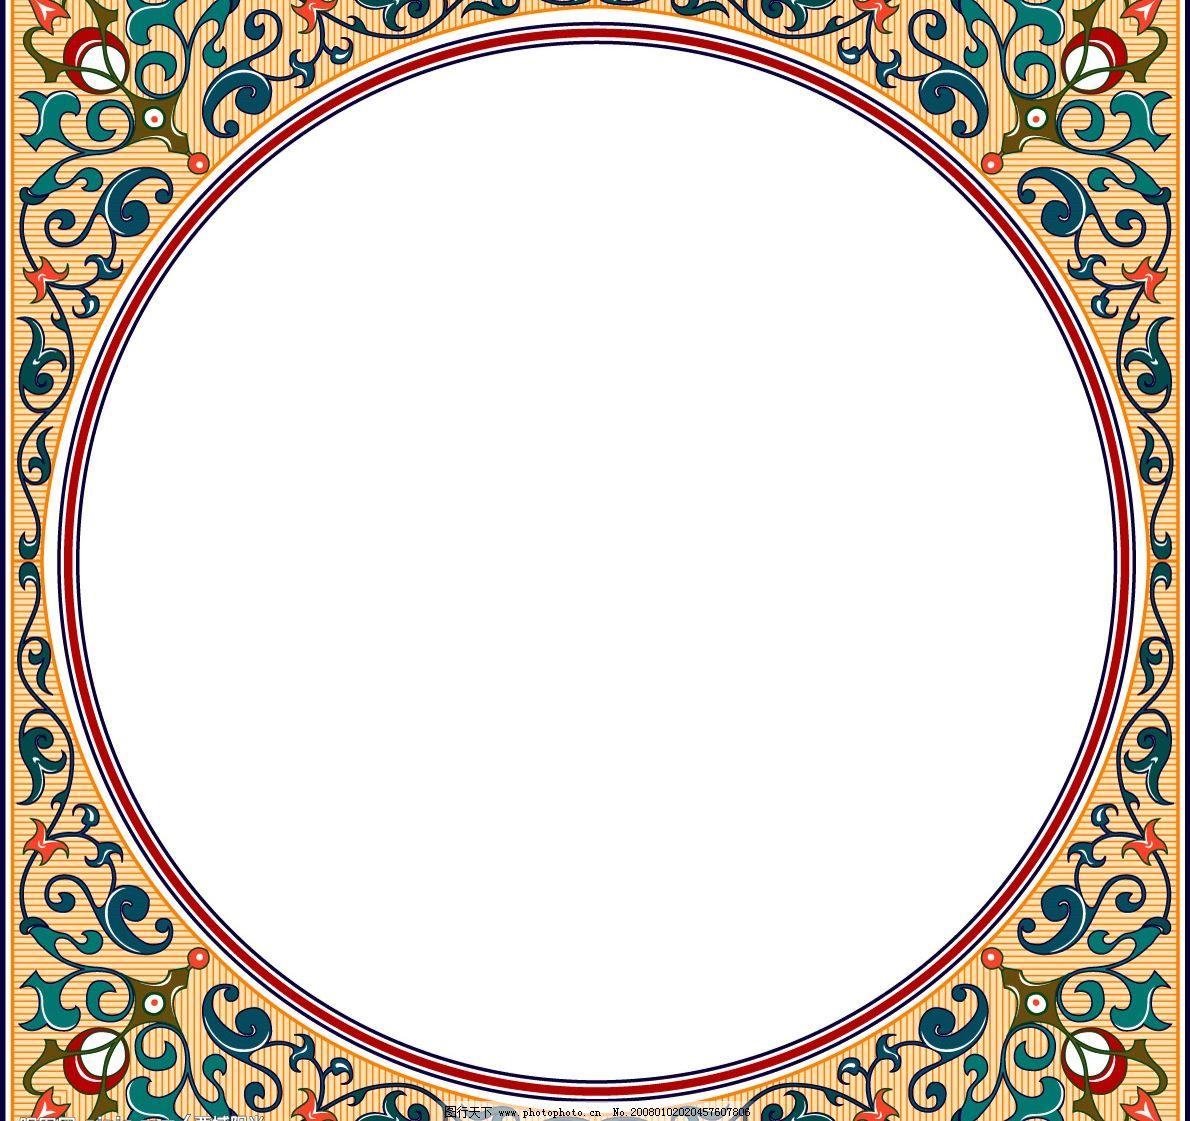 边框 花纹 圆形 底纹边框 边框相框 国外古典花纹:缎带画框精致装饰